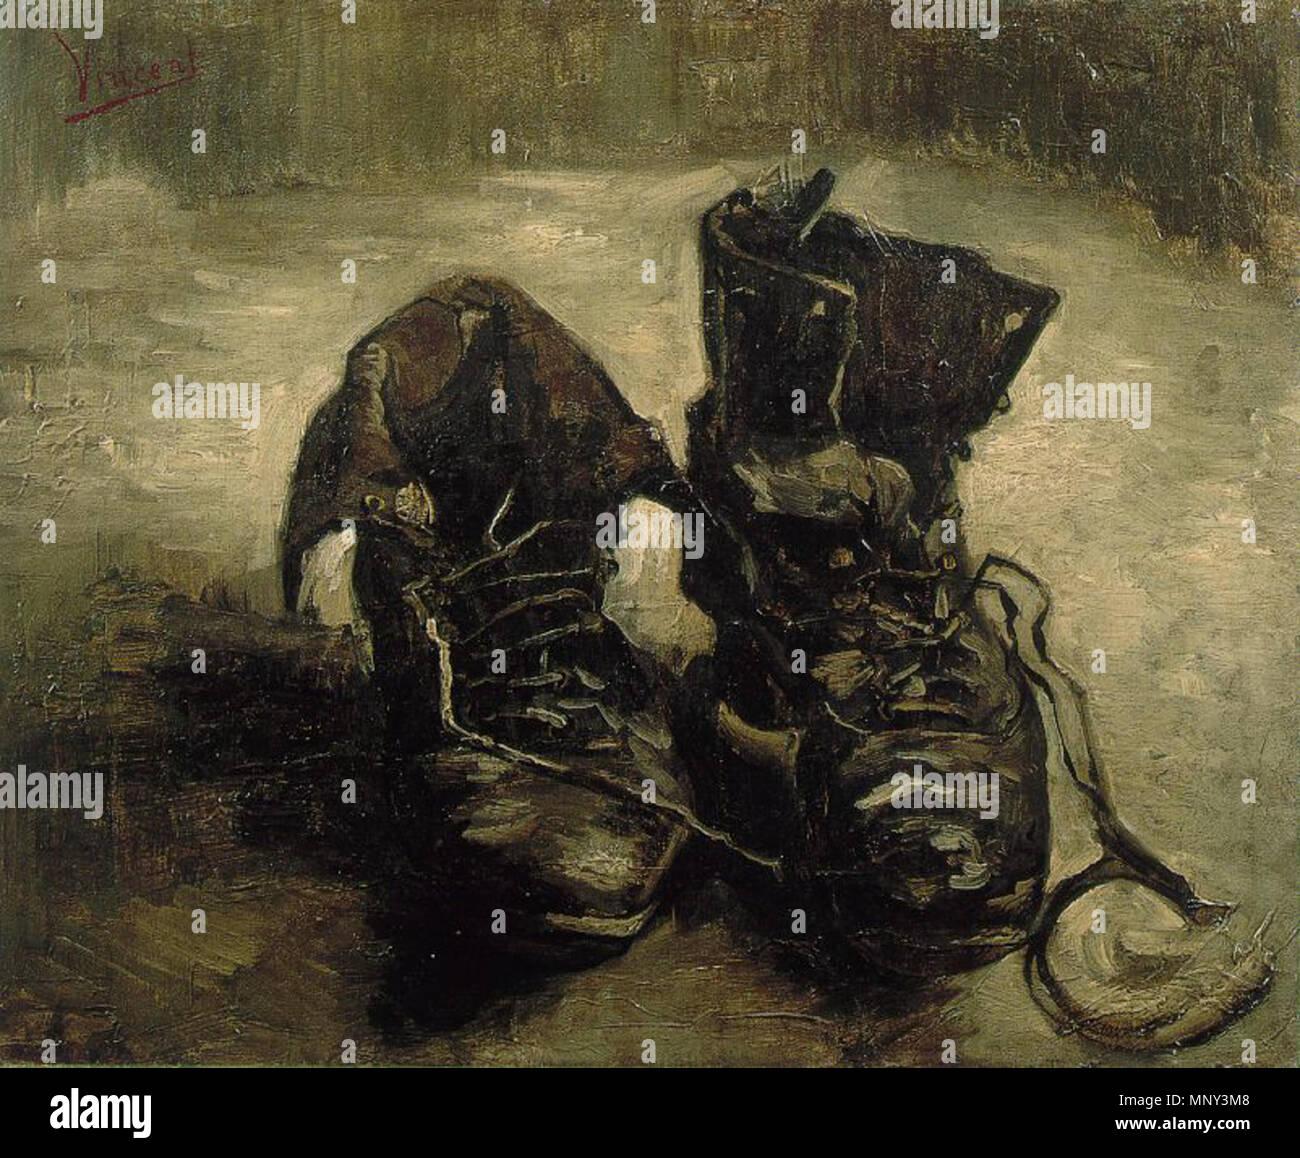 A Pair of Shoes .  English: A pair of shoes Italiano: Un paio di scarpe Français: Une paire de chaussures . 1887.   1222 Scarpe - Stock Image